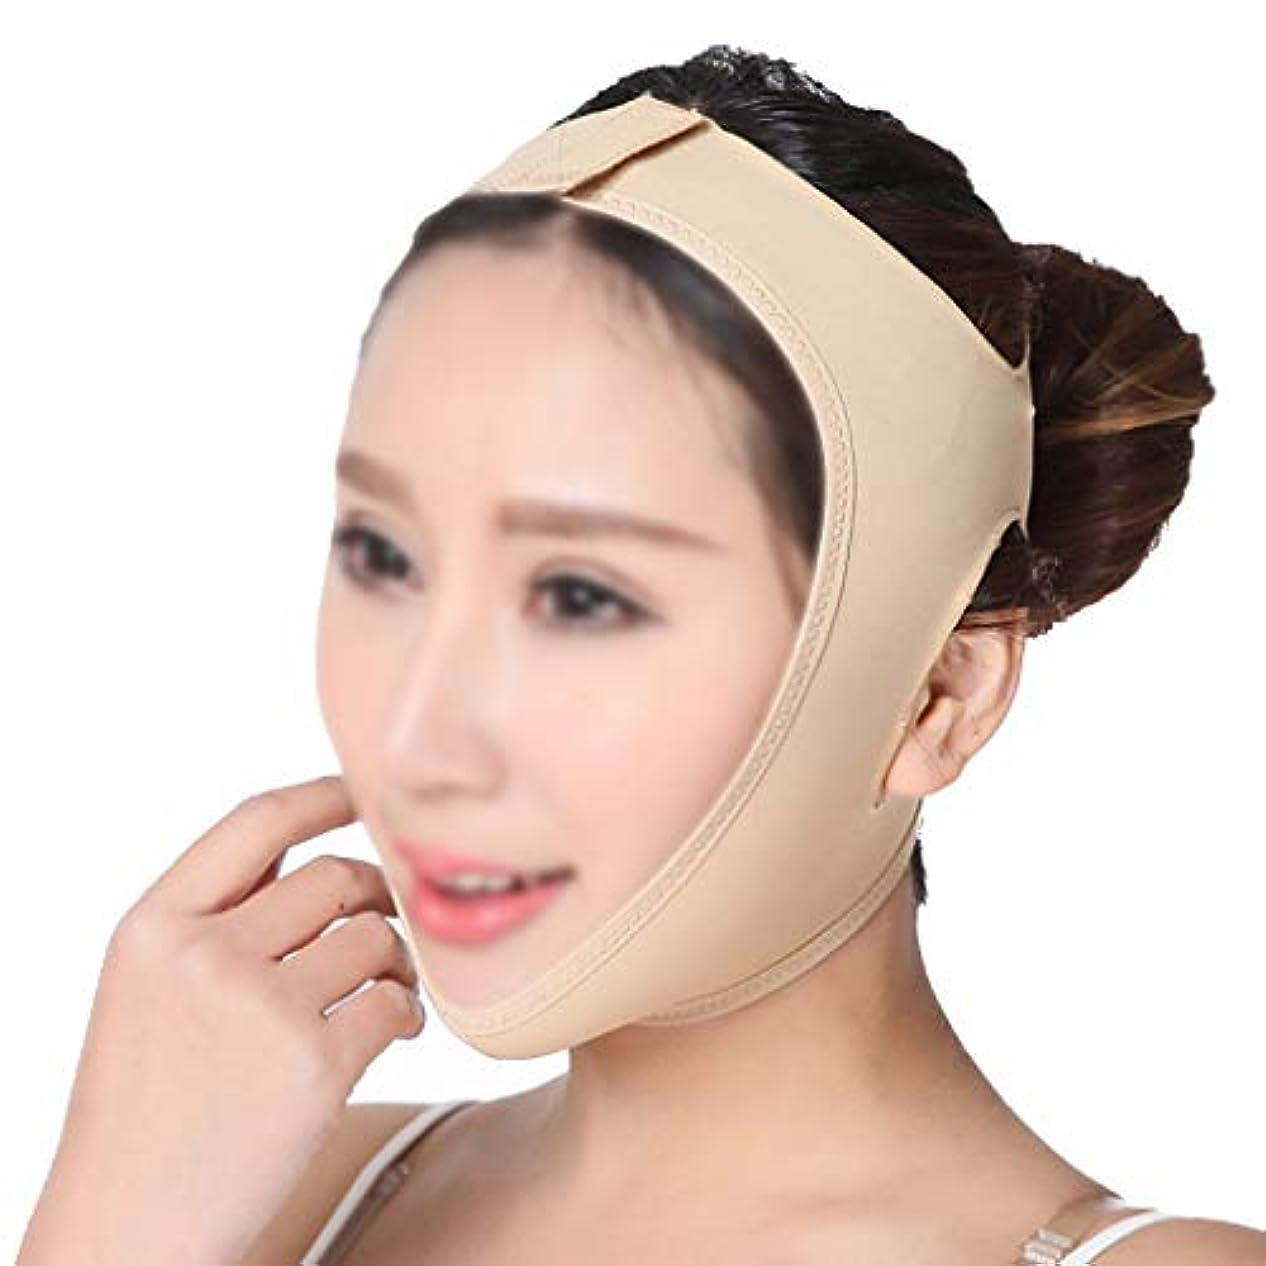 覚醒見通し回想フェイスリフティングマスク、持ち上がるあごと顔の肌、垂れ下がるのを防ぐ頬、快適で通気性のある生地、詰まることを拒否、身に着けやすい (Size : XL)